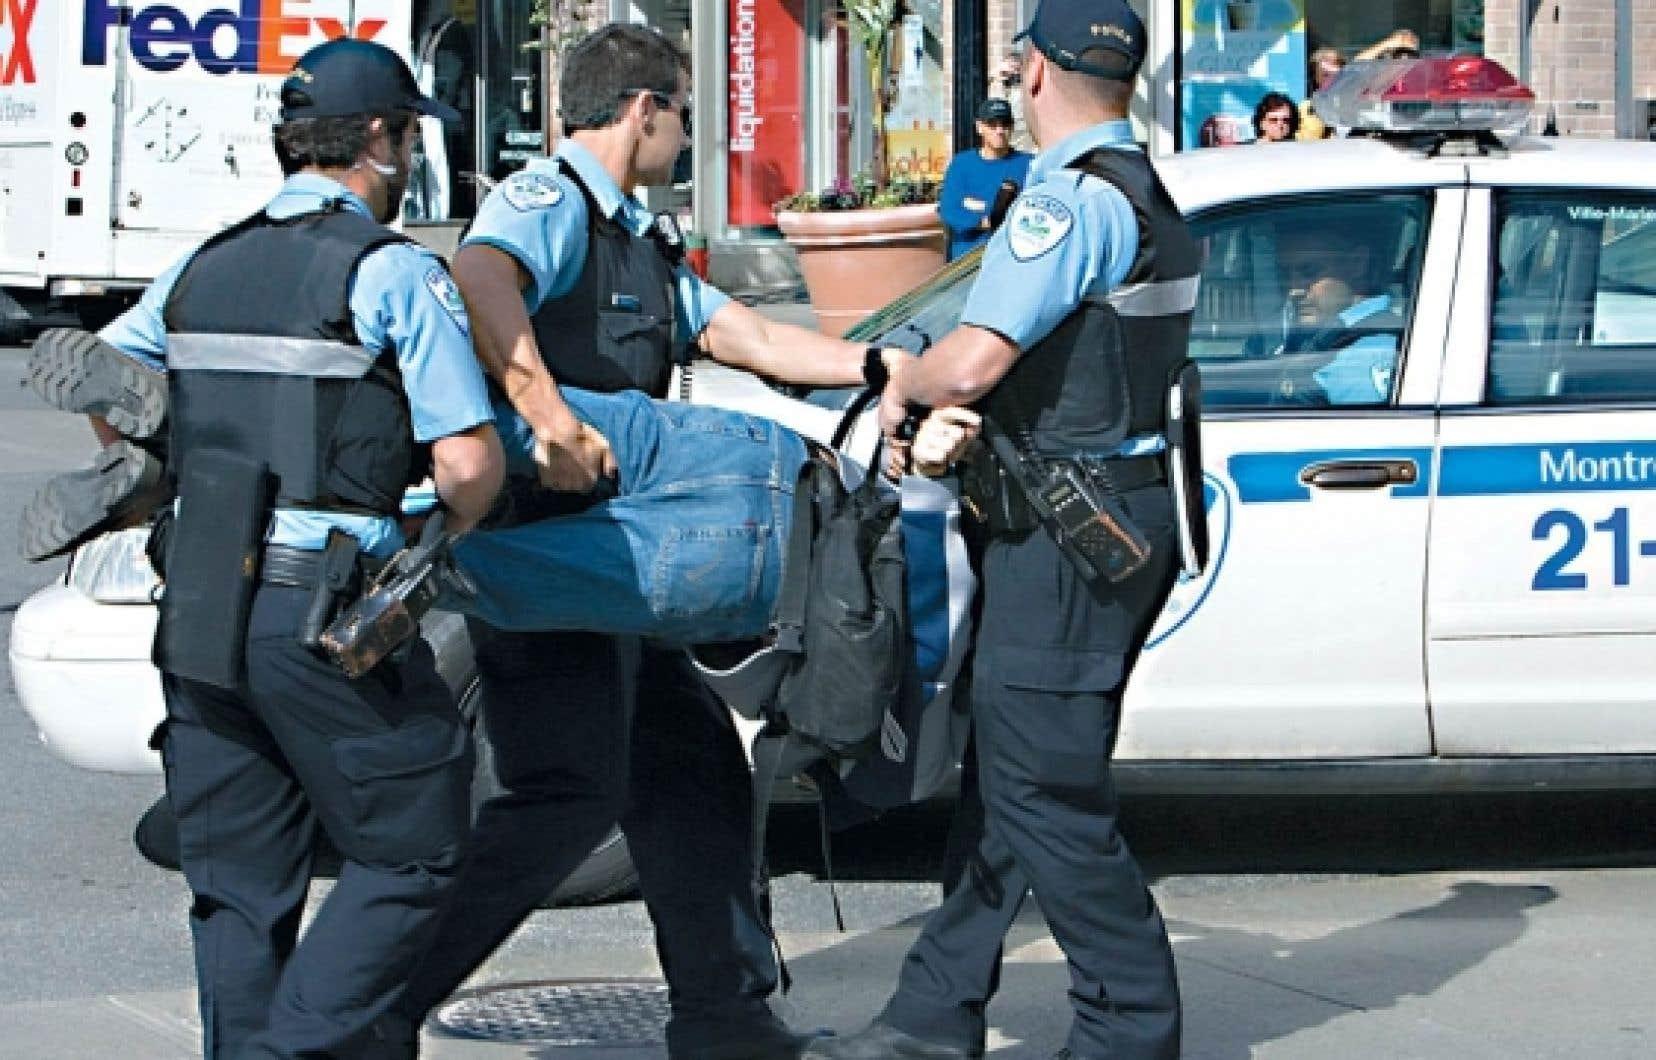 Les policiers sont appelés à l'occasion à intervenir pour des personns souffrant de troubles mentaux. Certaines interventions conduisent à des enquêtes menées par d'autres corps policiers, ce qui est dénoncé par plusieurs groupes.